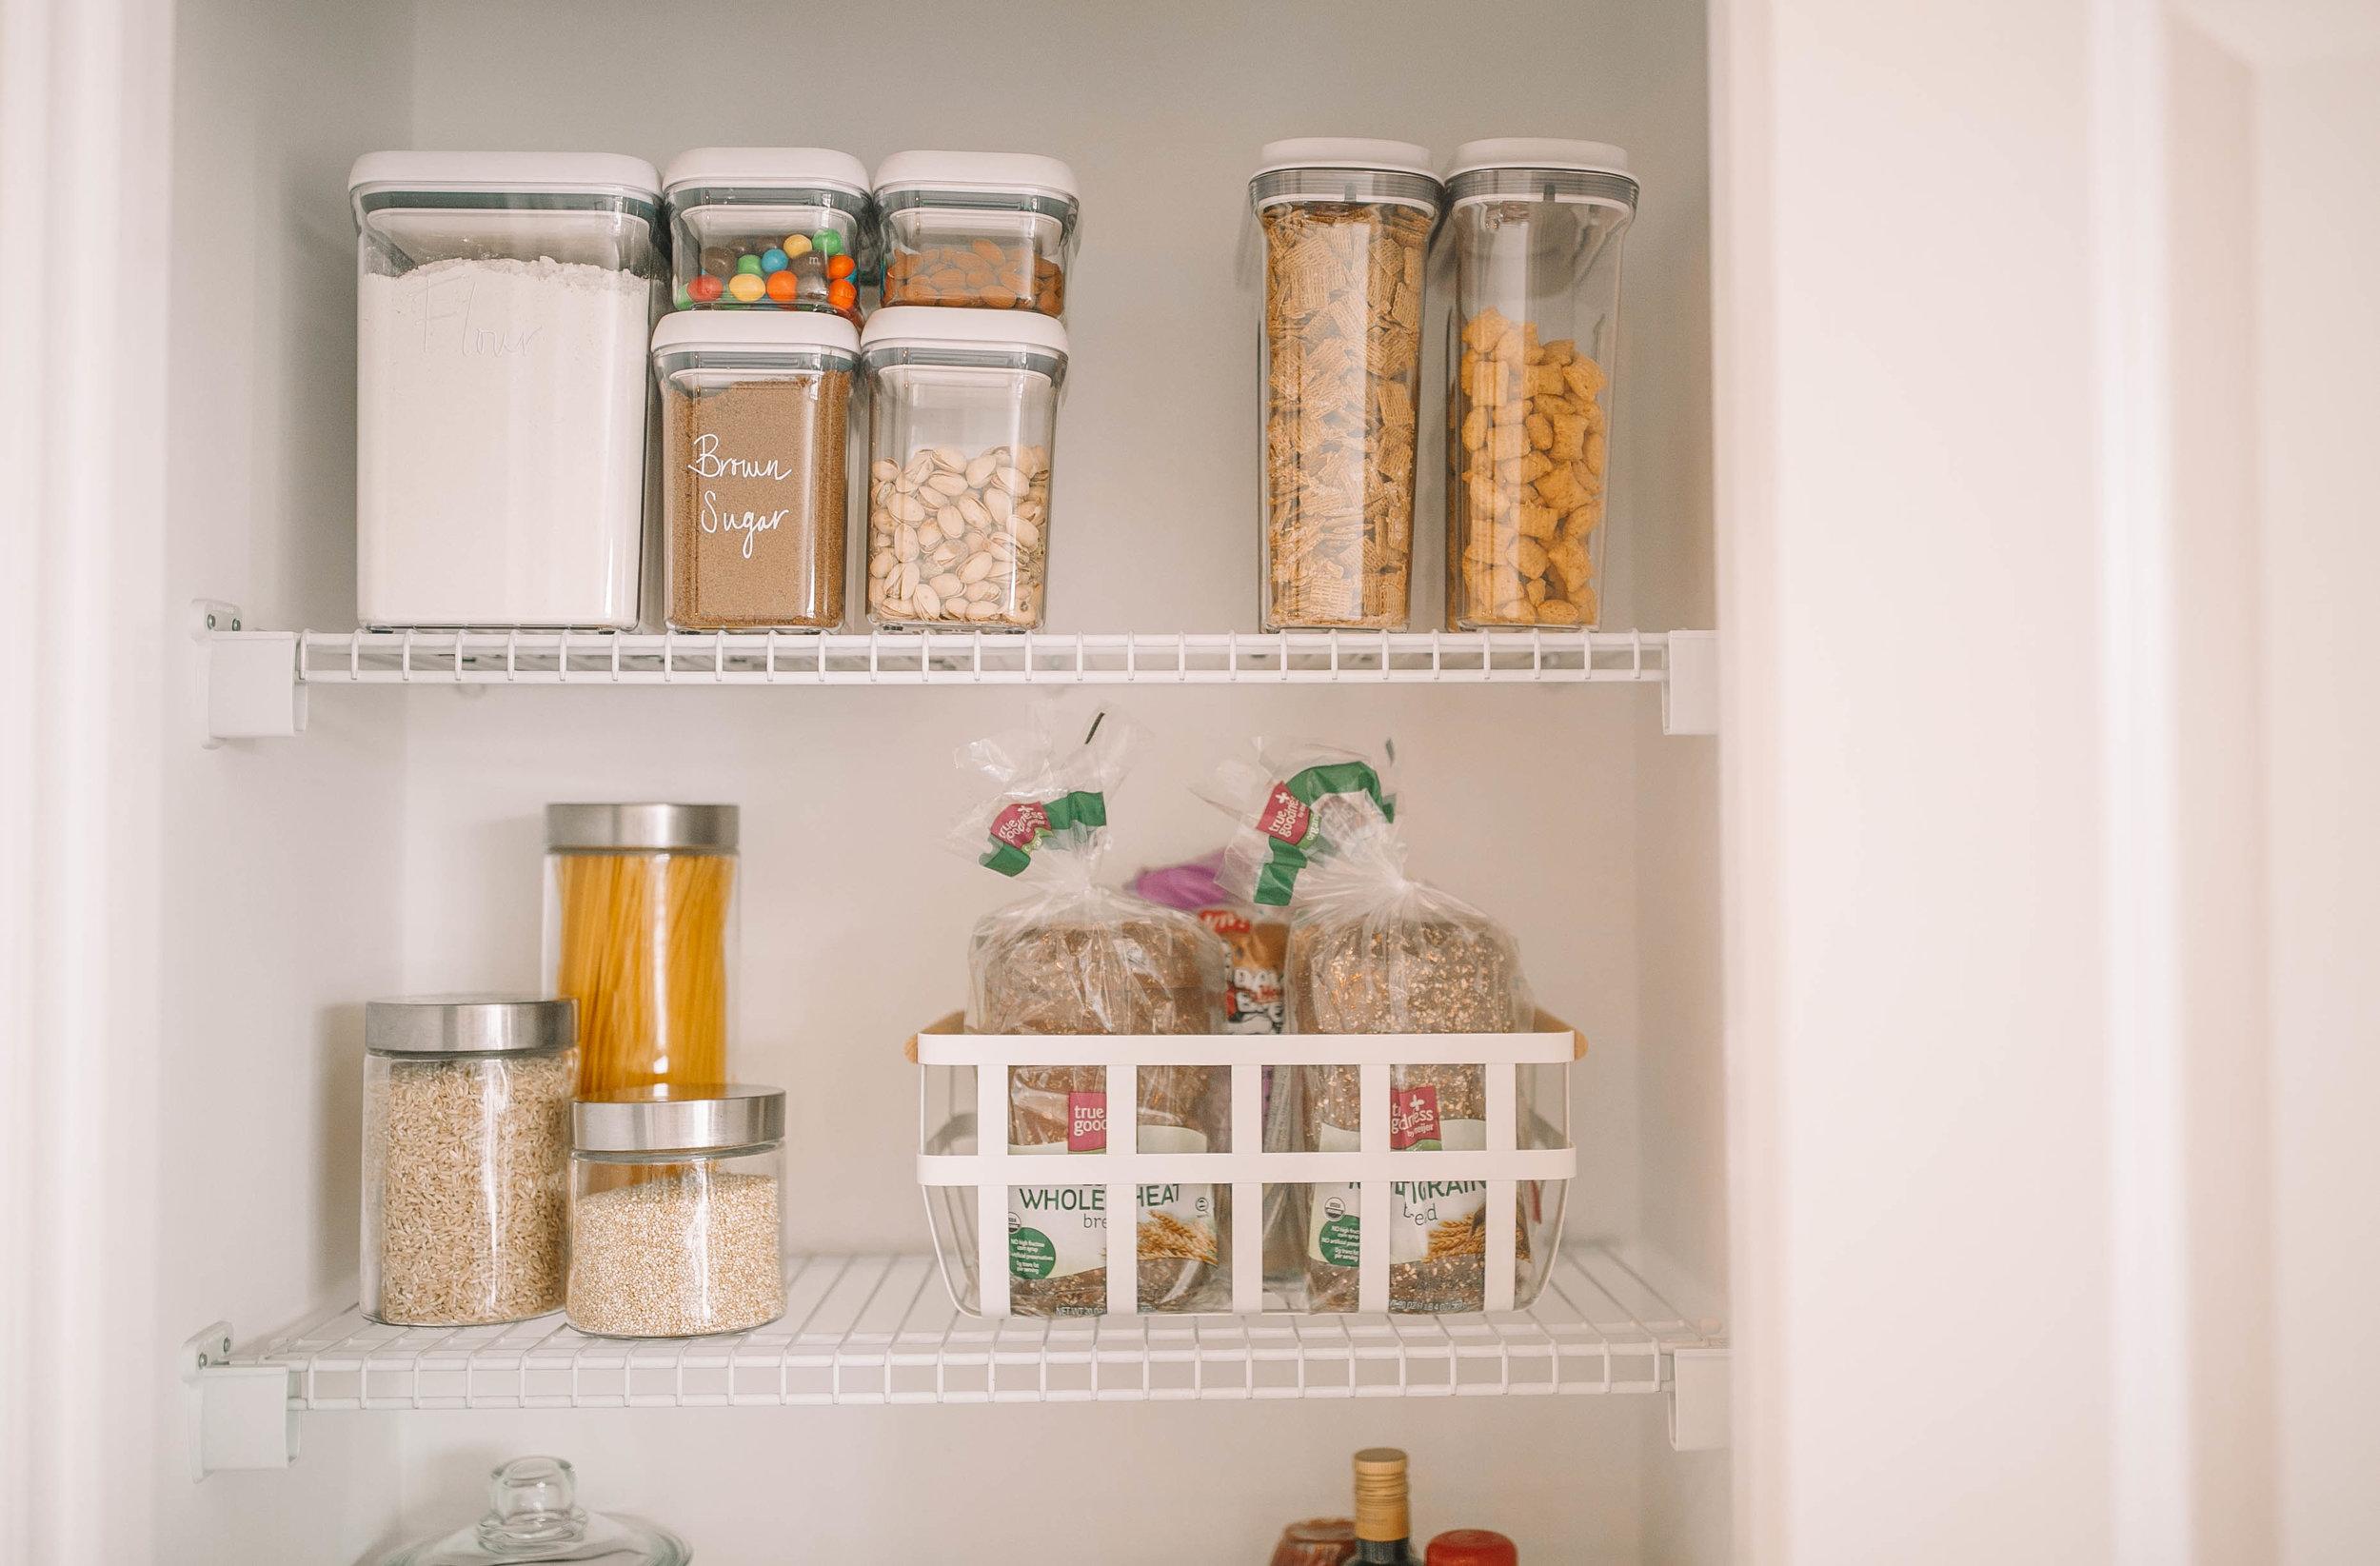 Kitchen_organization-26.jpg